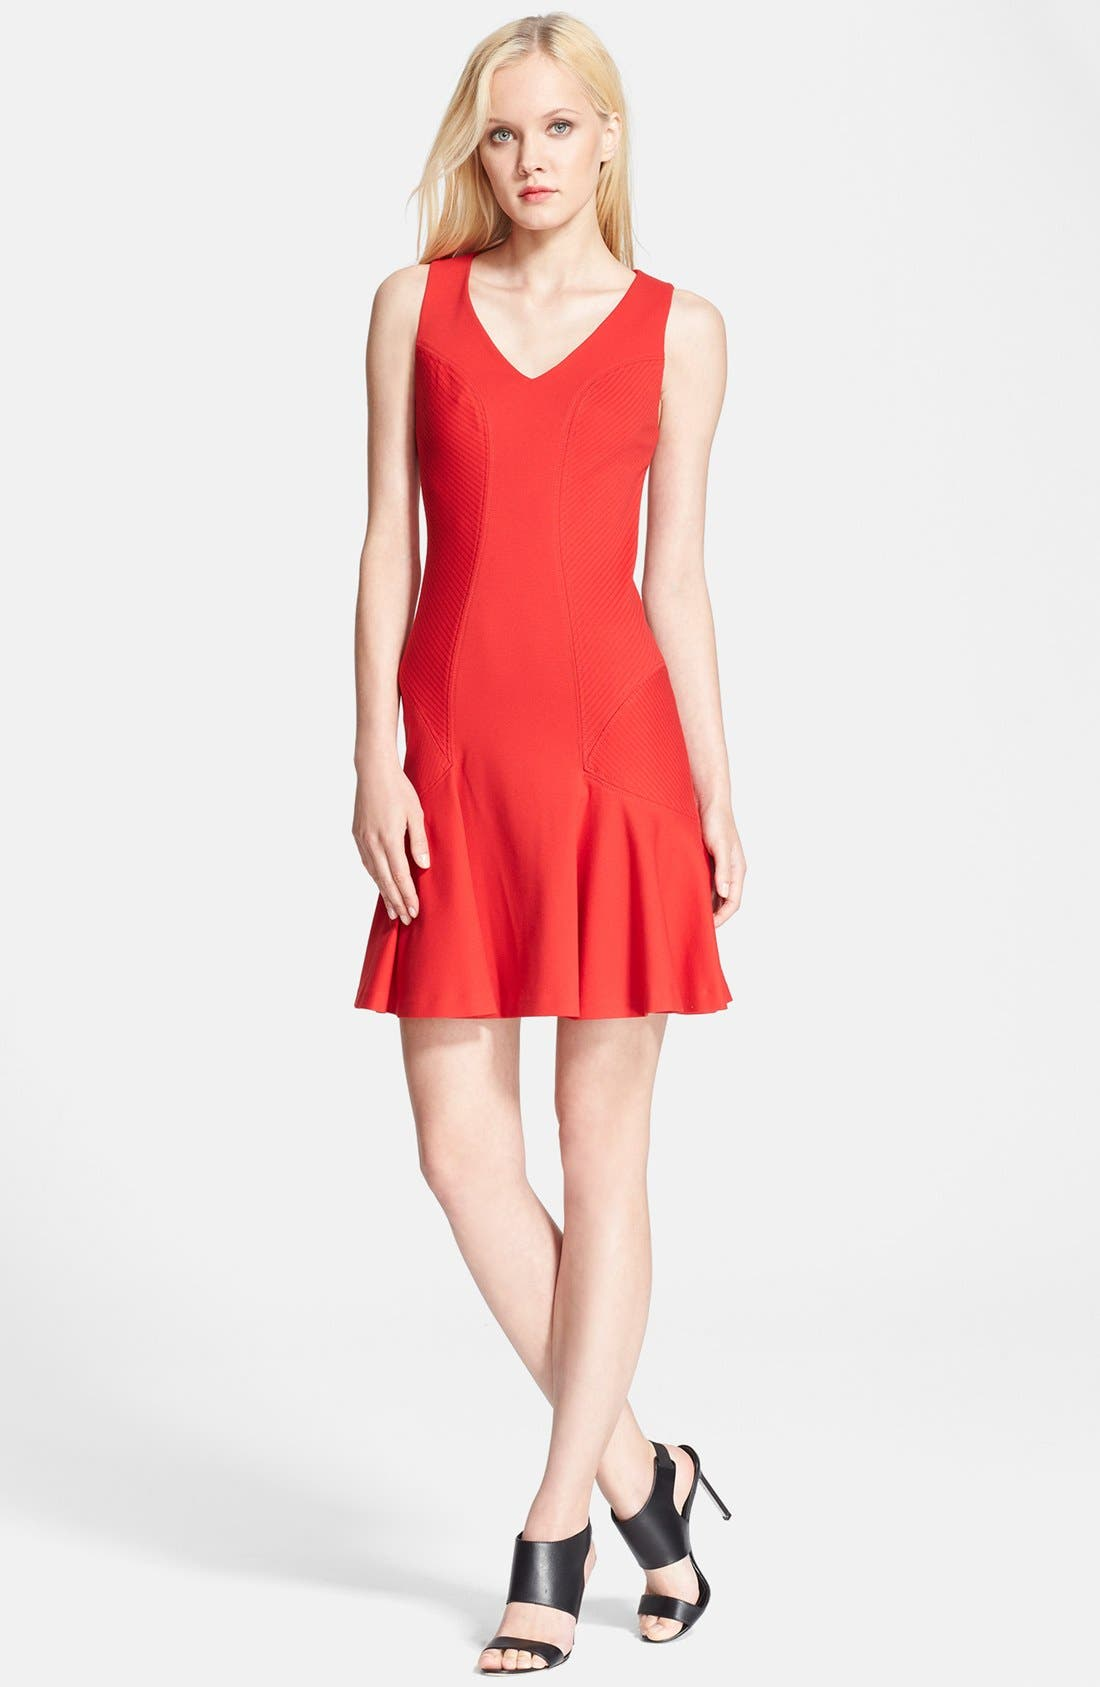 Alternate Image 1 Selected - Diane von Furstenberg 'Carla' Knit Fit & Flare Dress